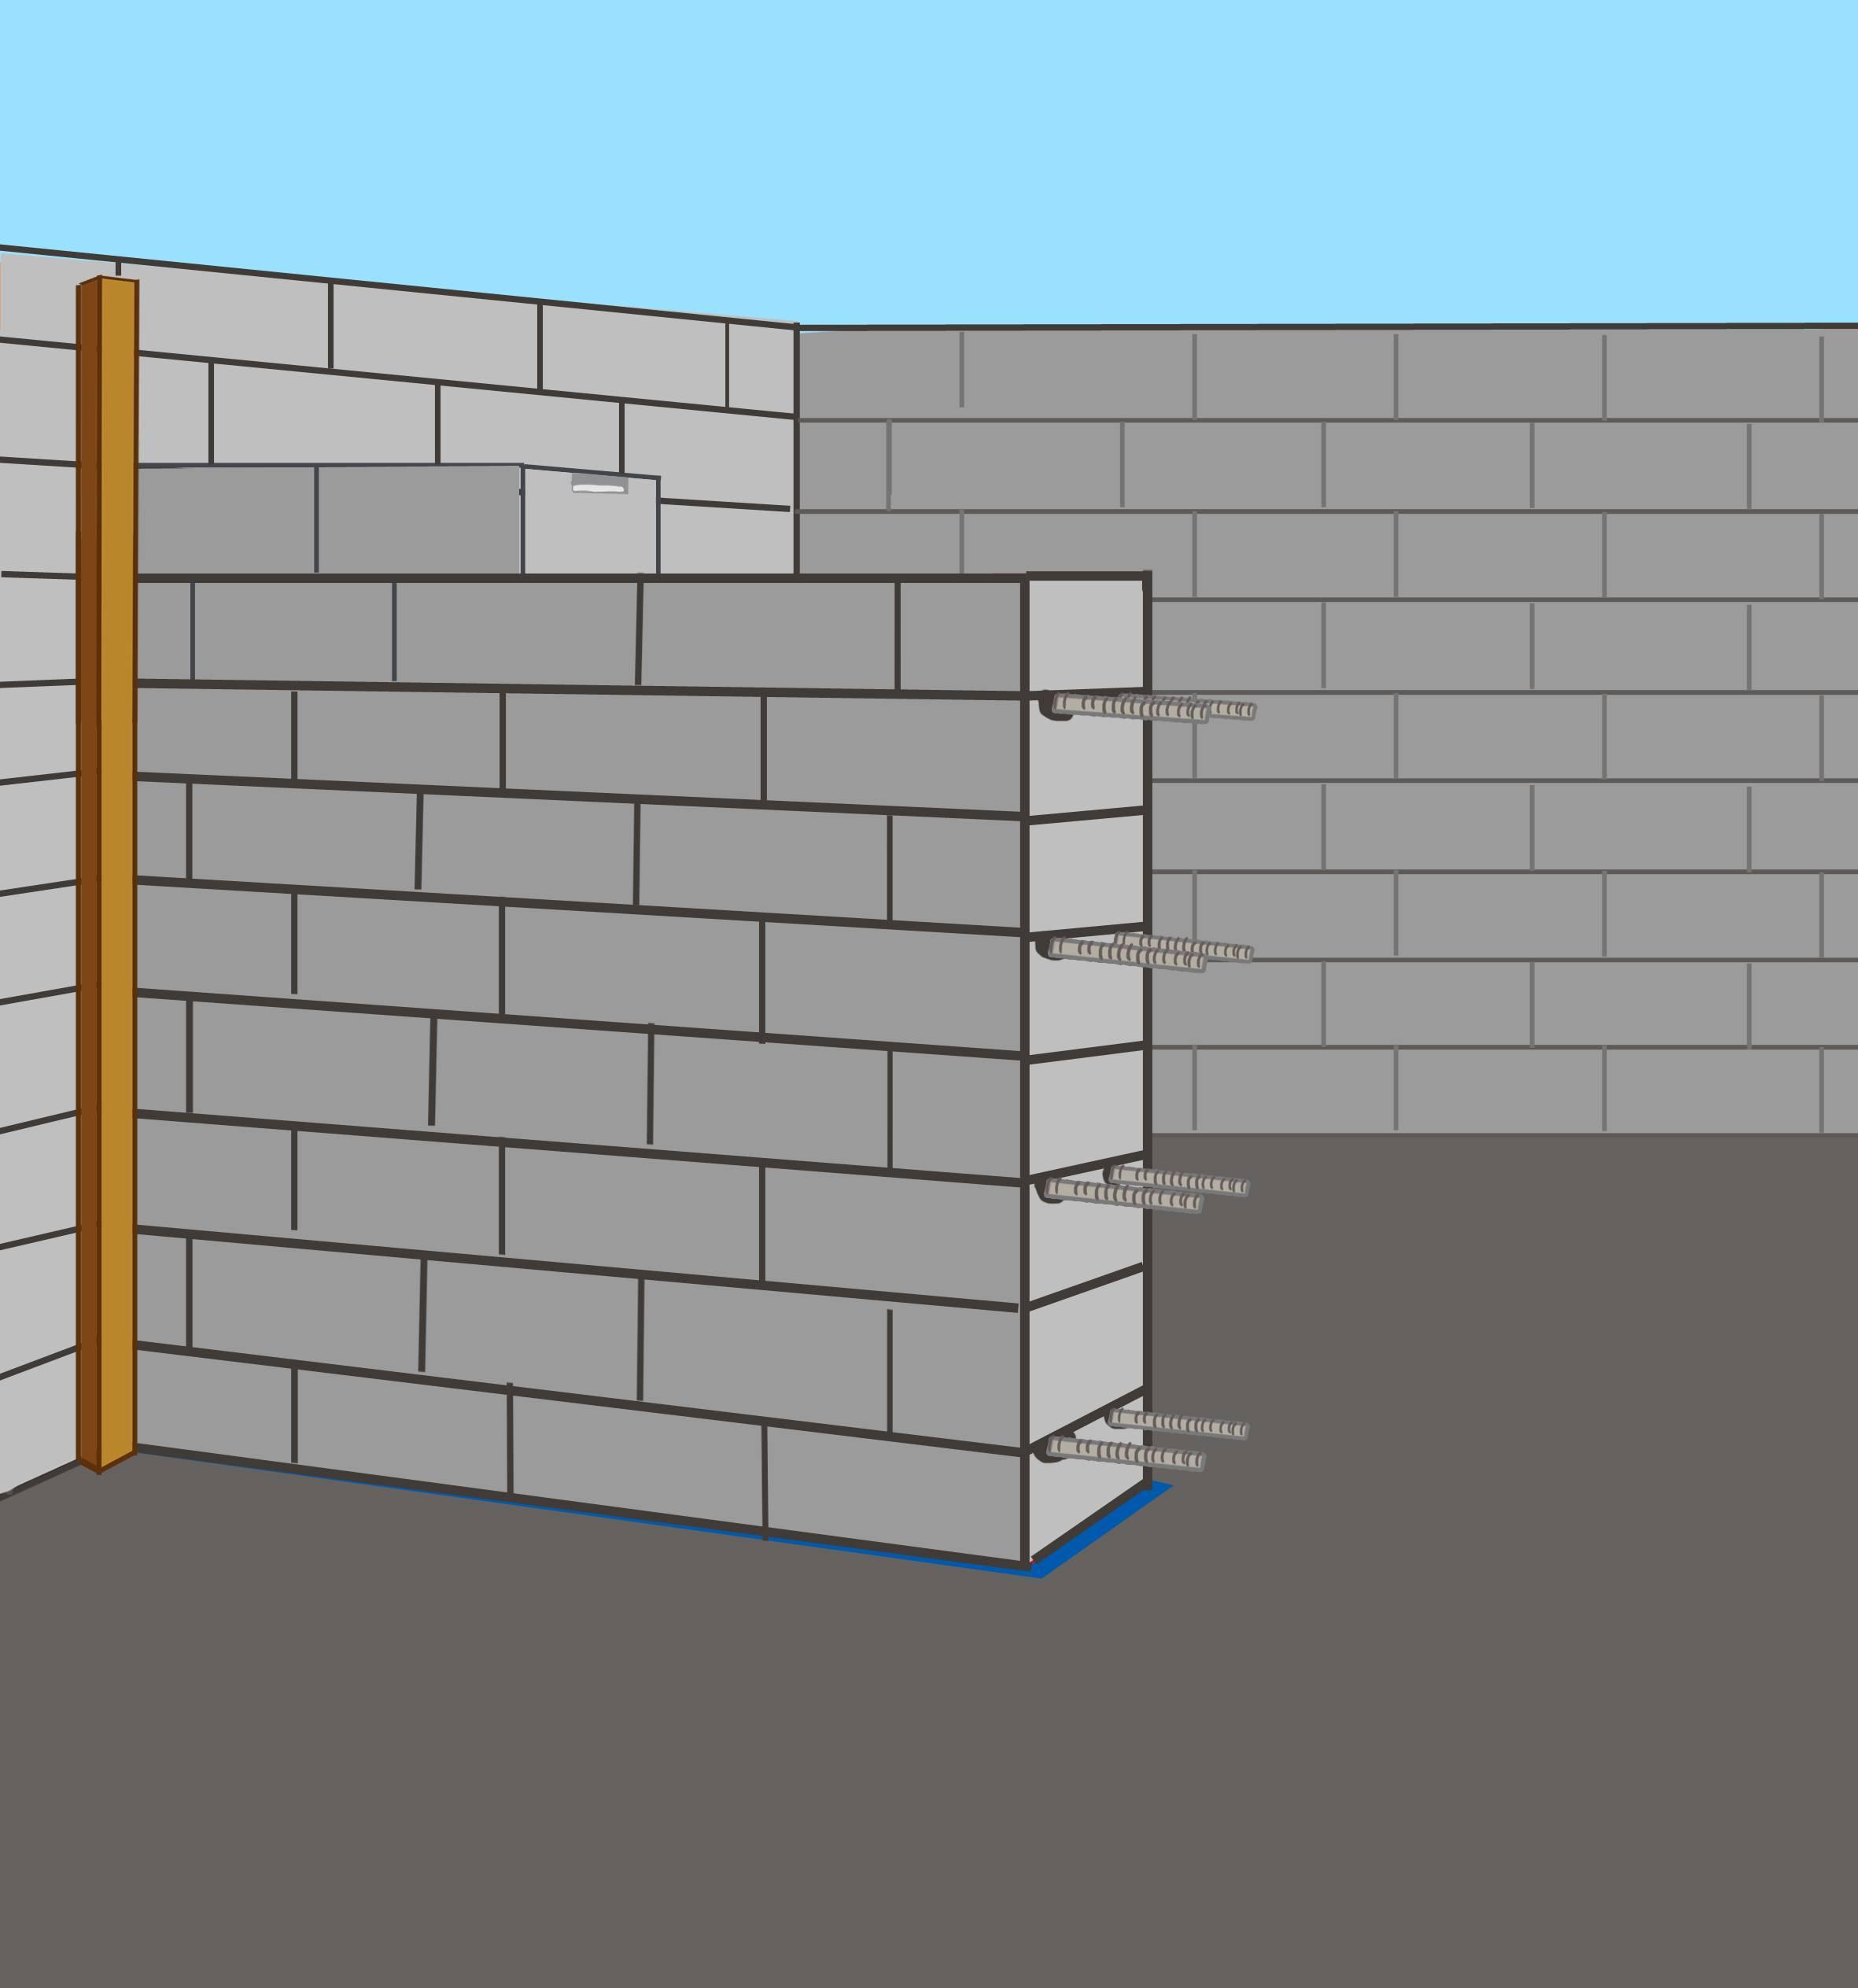 Армирование кирпичной кладки: вертикальное, продольное и поперечное